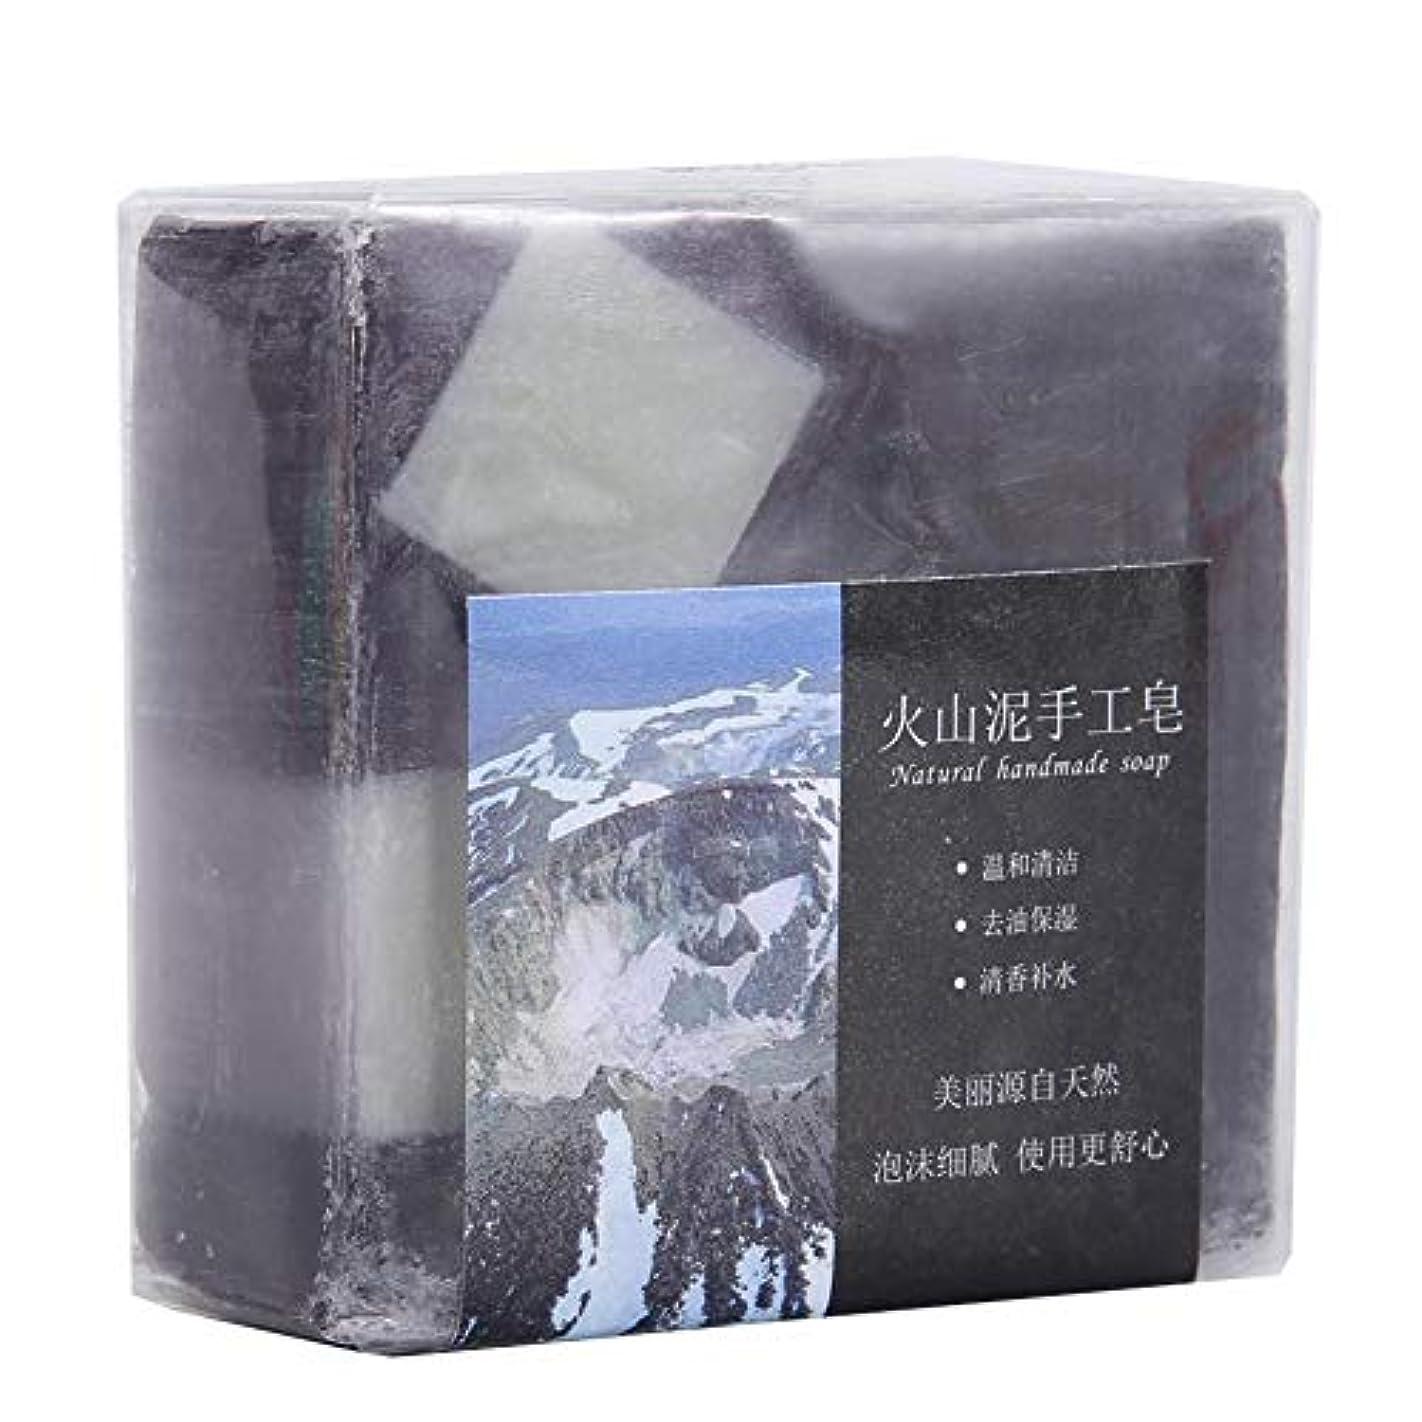 軽精通した忘れっぽいディープクリーニング 火山泥 ハンドメイドグリース 保湿石鹸用 100 G 手作り石鹸